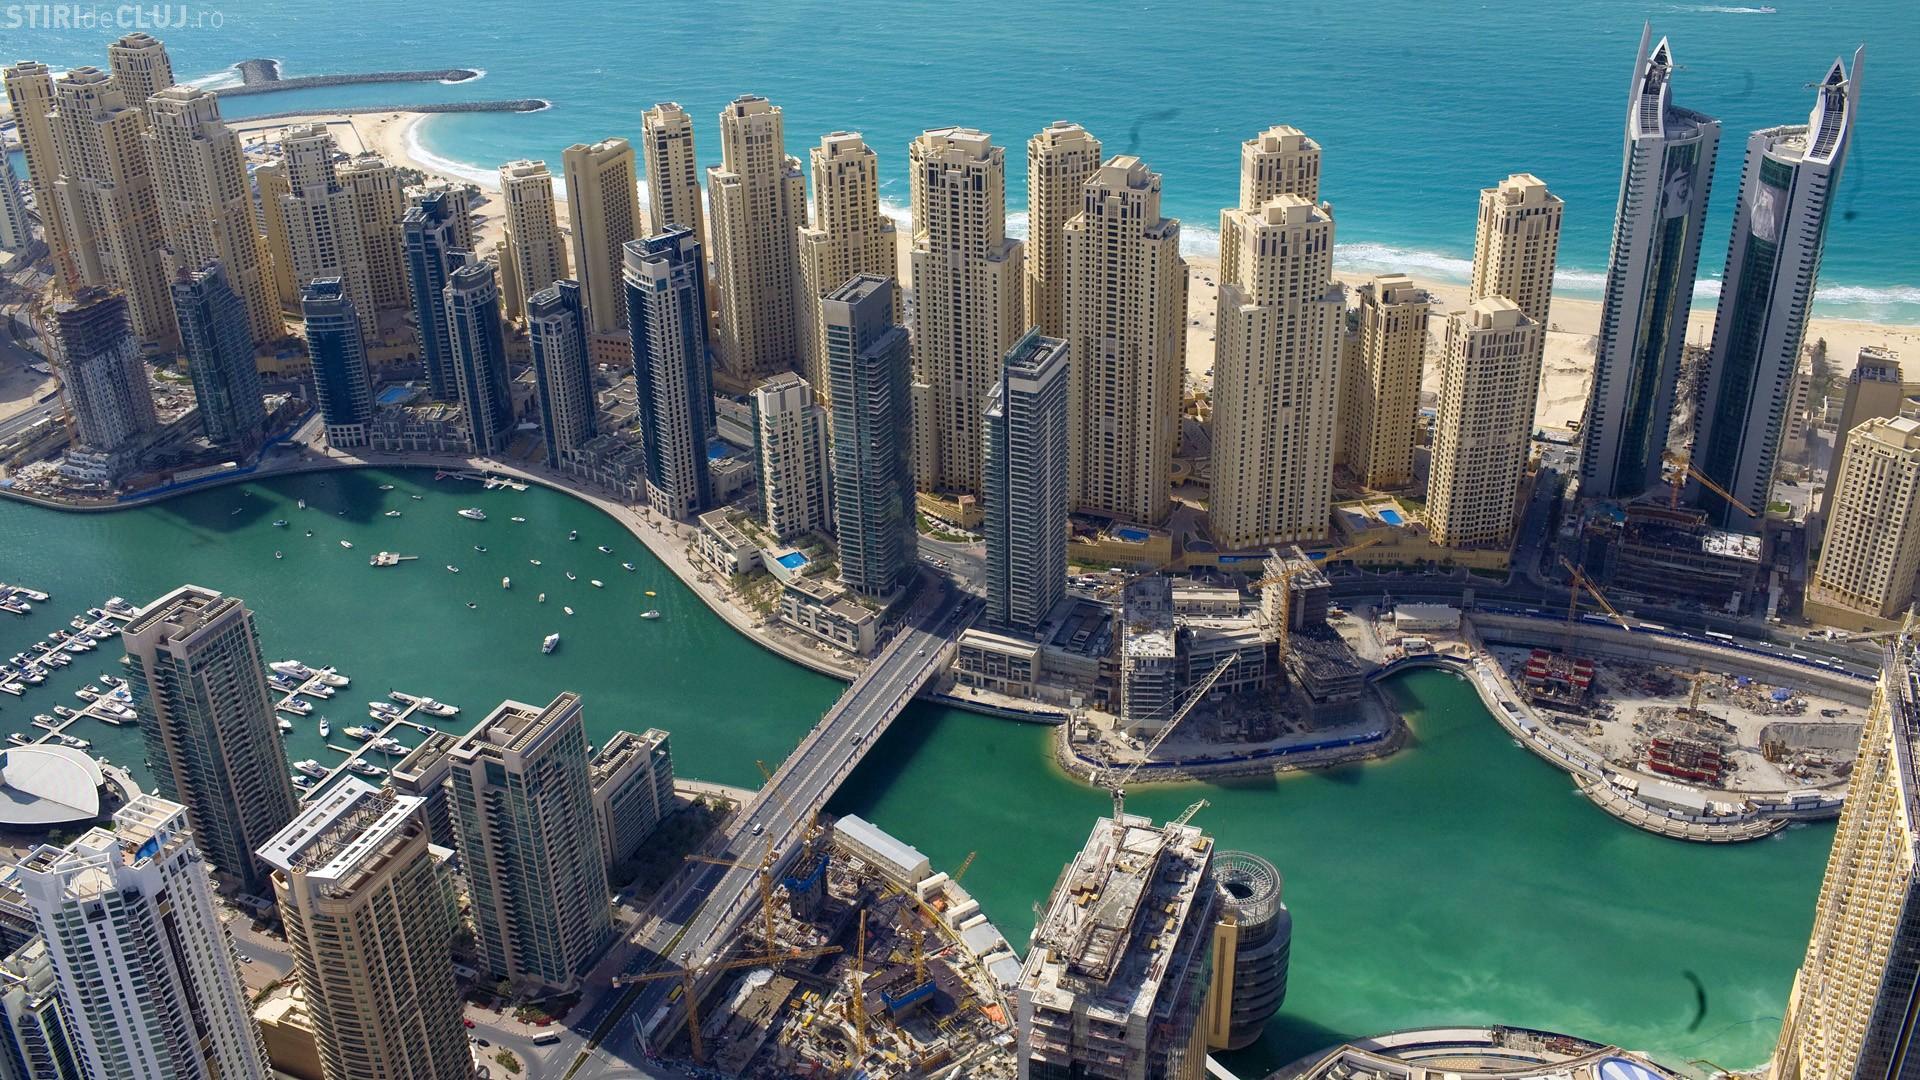 VIZE gratuite în Dubai și Emirate pentru români, din 22 martie